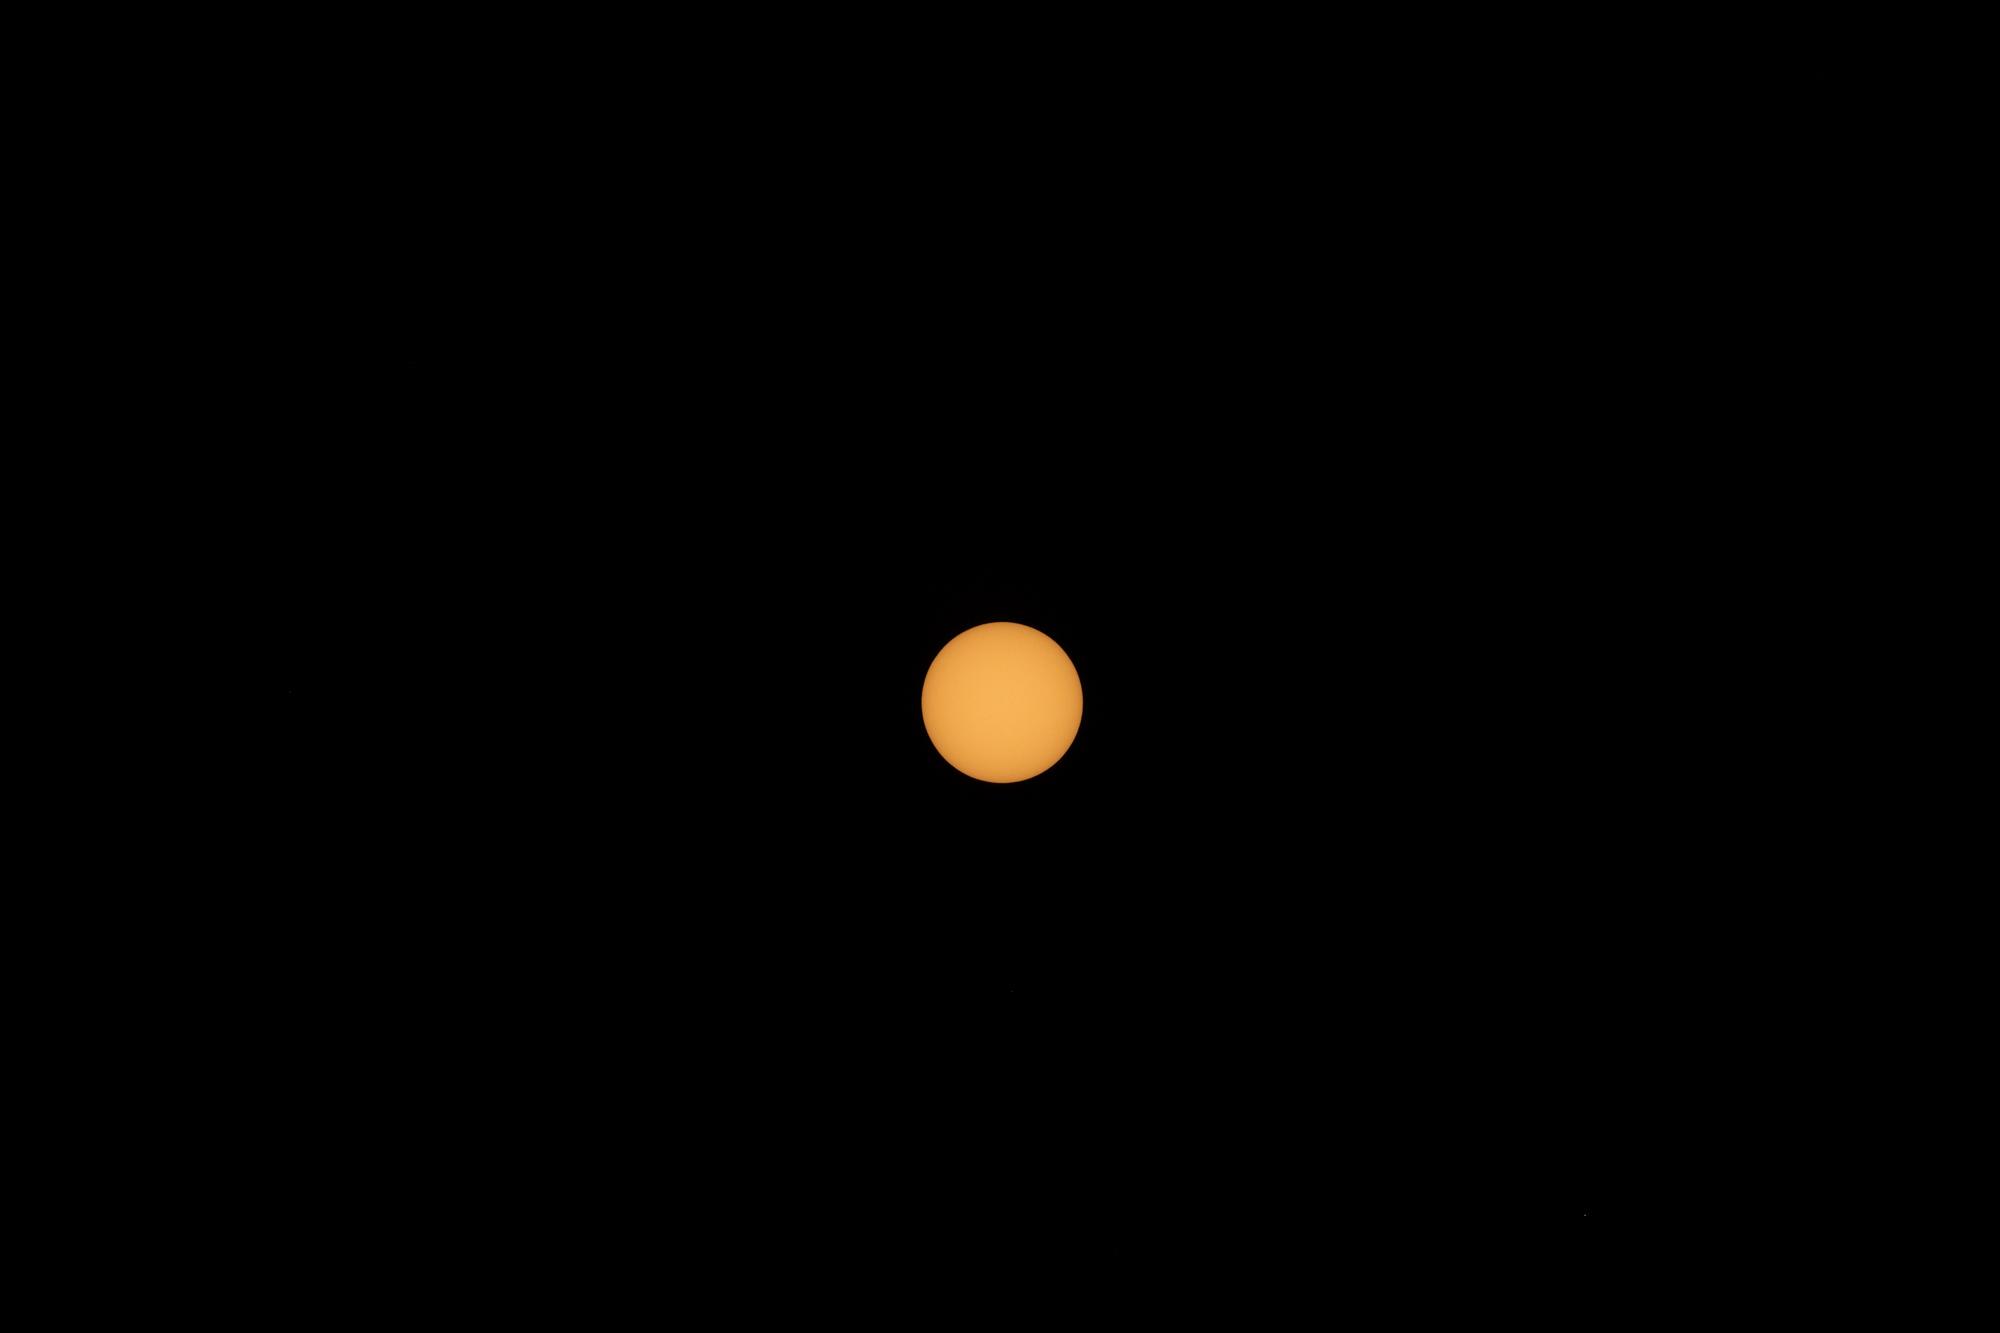 Sun_300.jpg